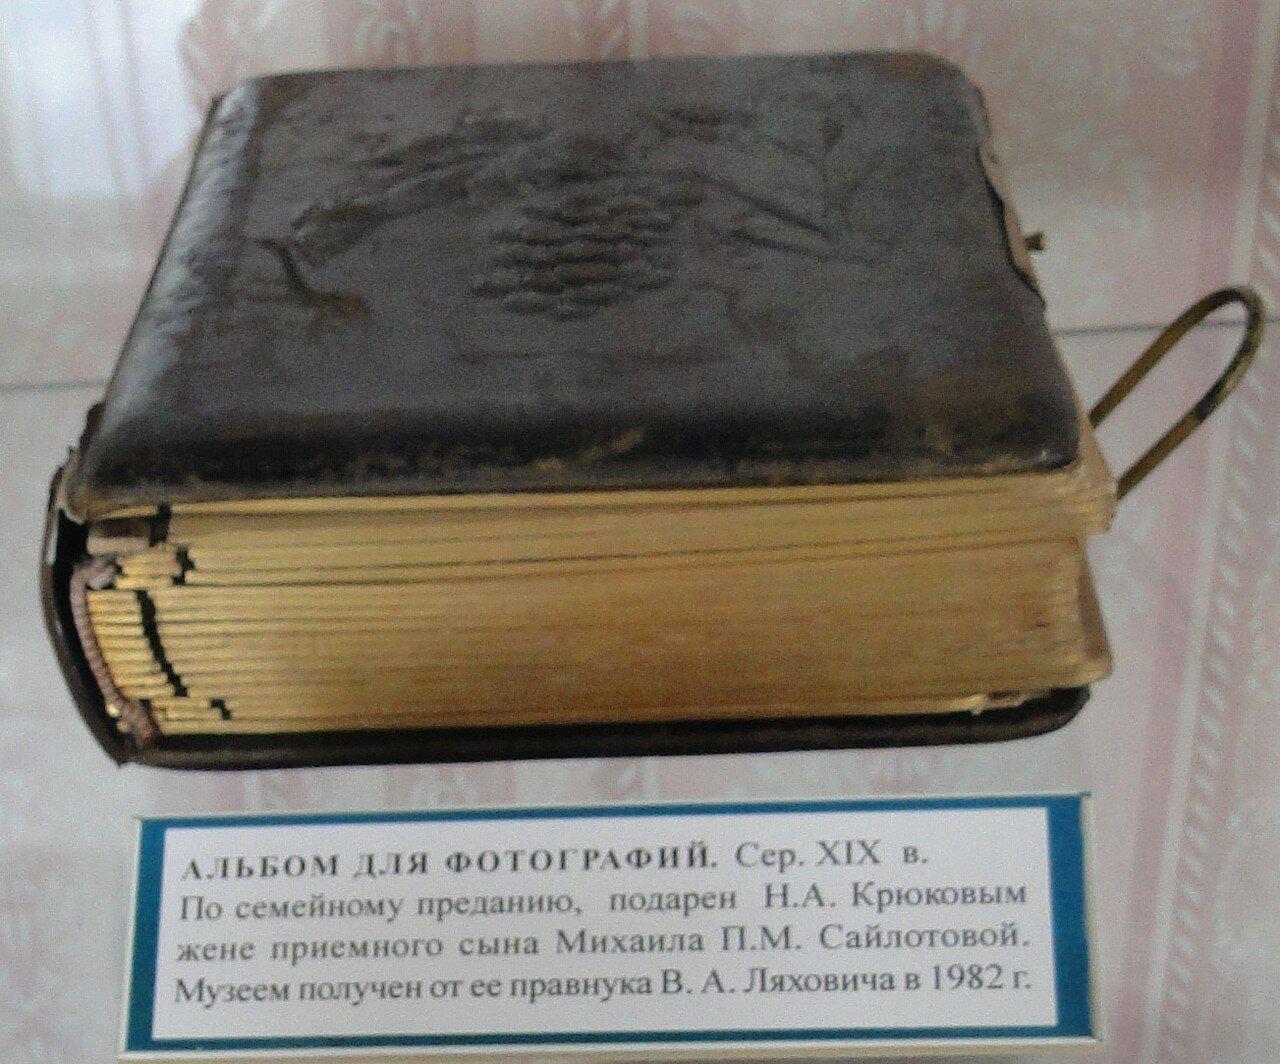 https://img-fotki.yandex.ru/get/901683/199368979.19a/0_26f0dc_a6c74b7e_XXXL.jpg